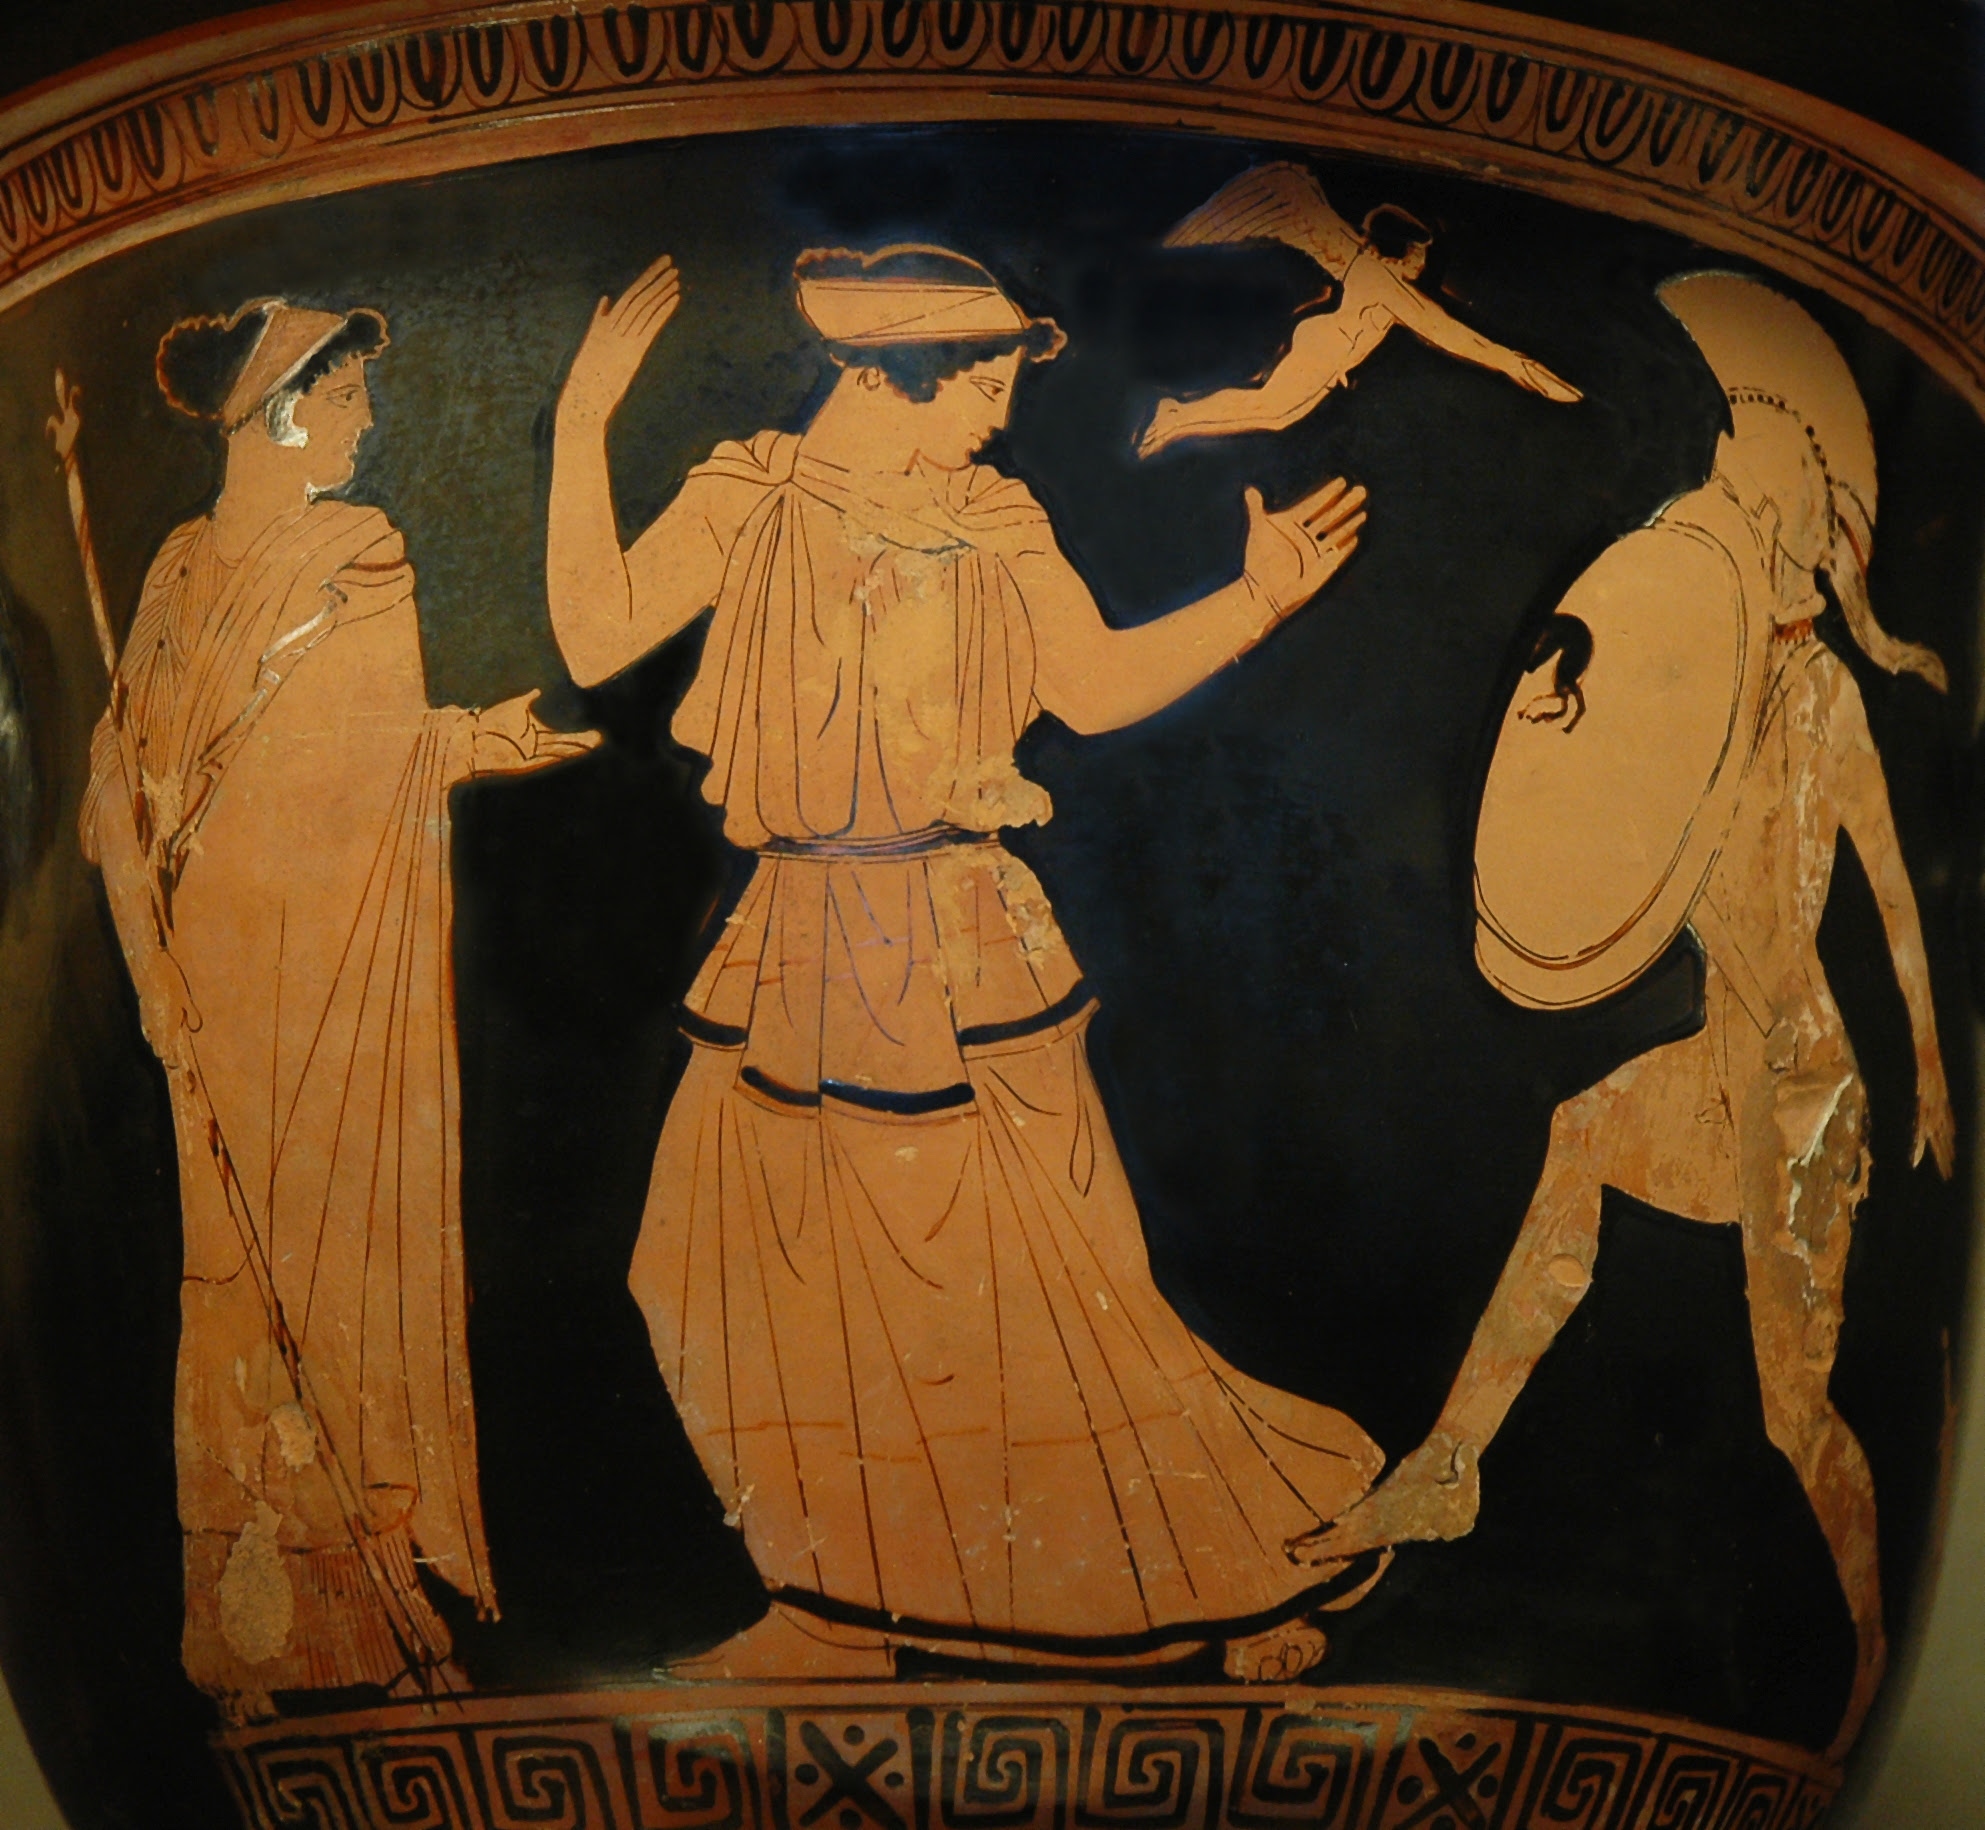 http://upload.wikimedia.org/wikipedia/commons/5/53/Helen_Menelaus_Louvre_G424.jpg